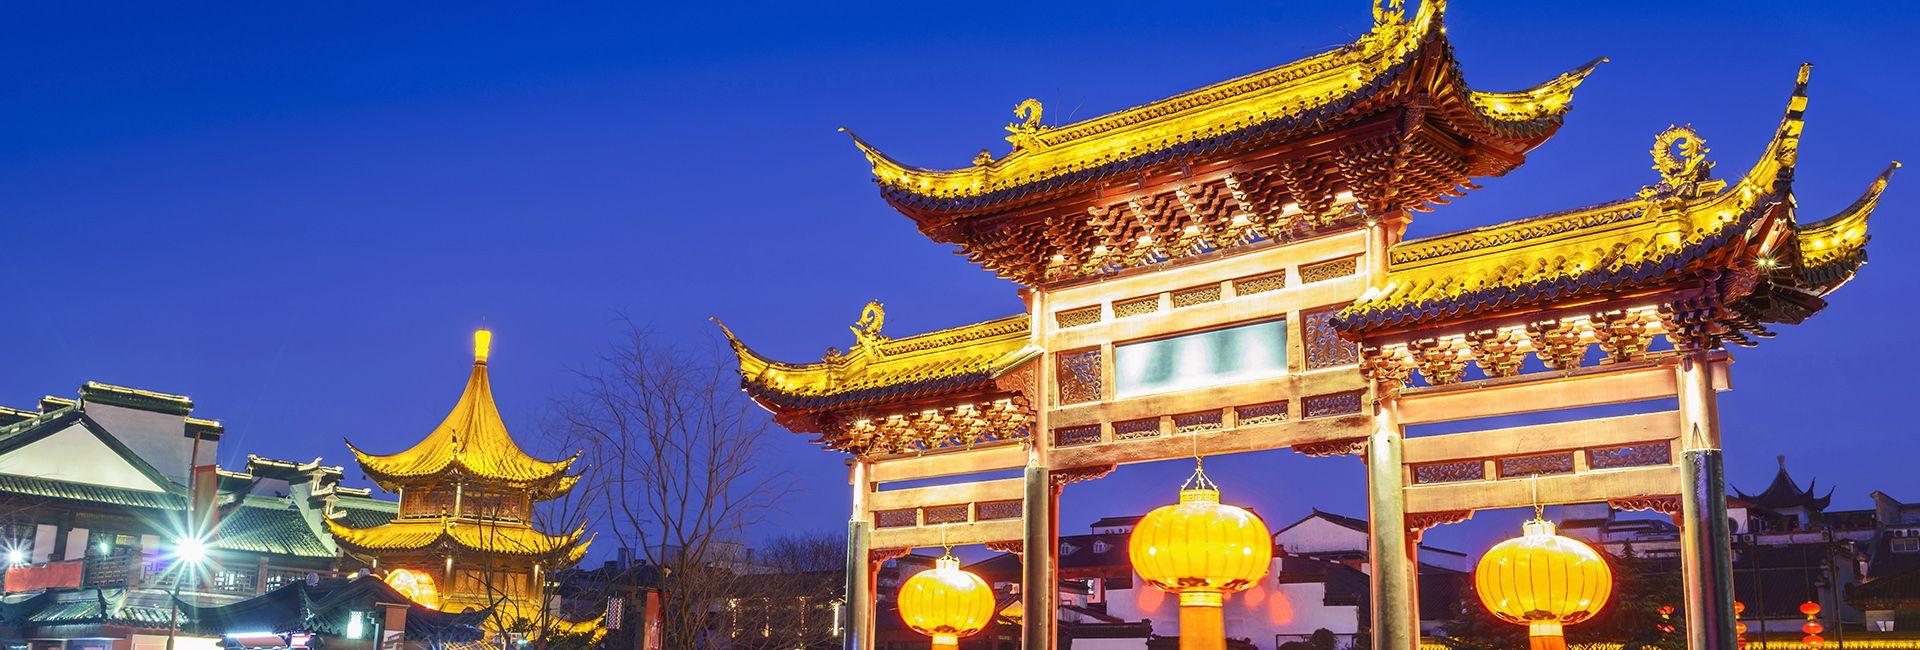 Top 9 địa điểm du lịch nổi bật nhất đường Tây Nam Kinh - Thượng Hải